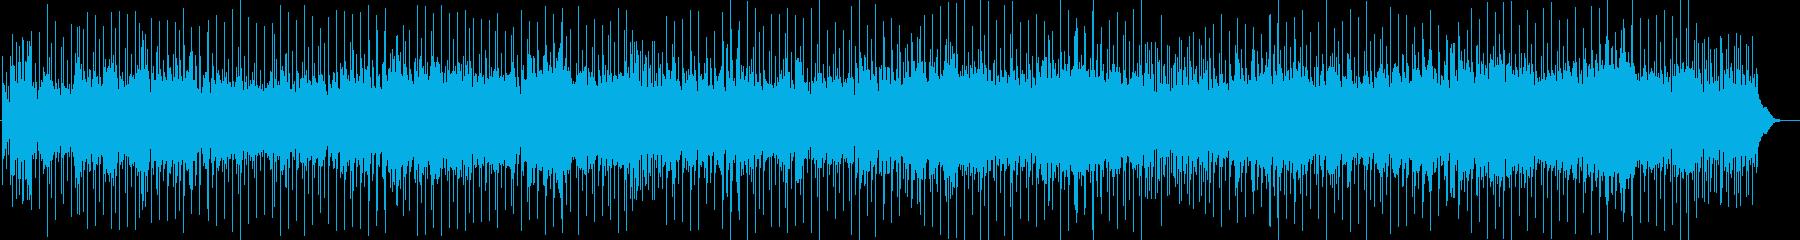 1970年代洋楽ソウル メロウなグルーヴの再生済みの波形